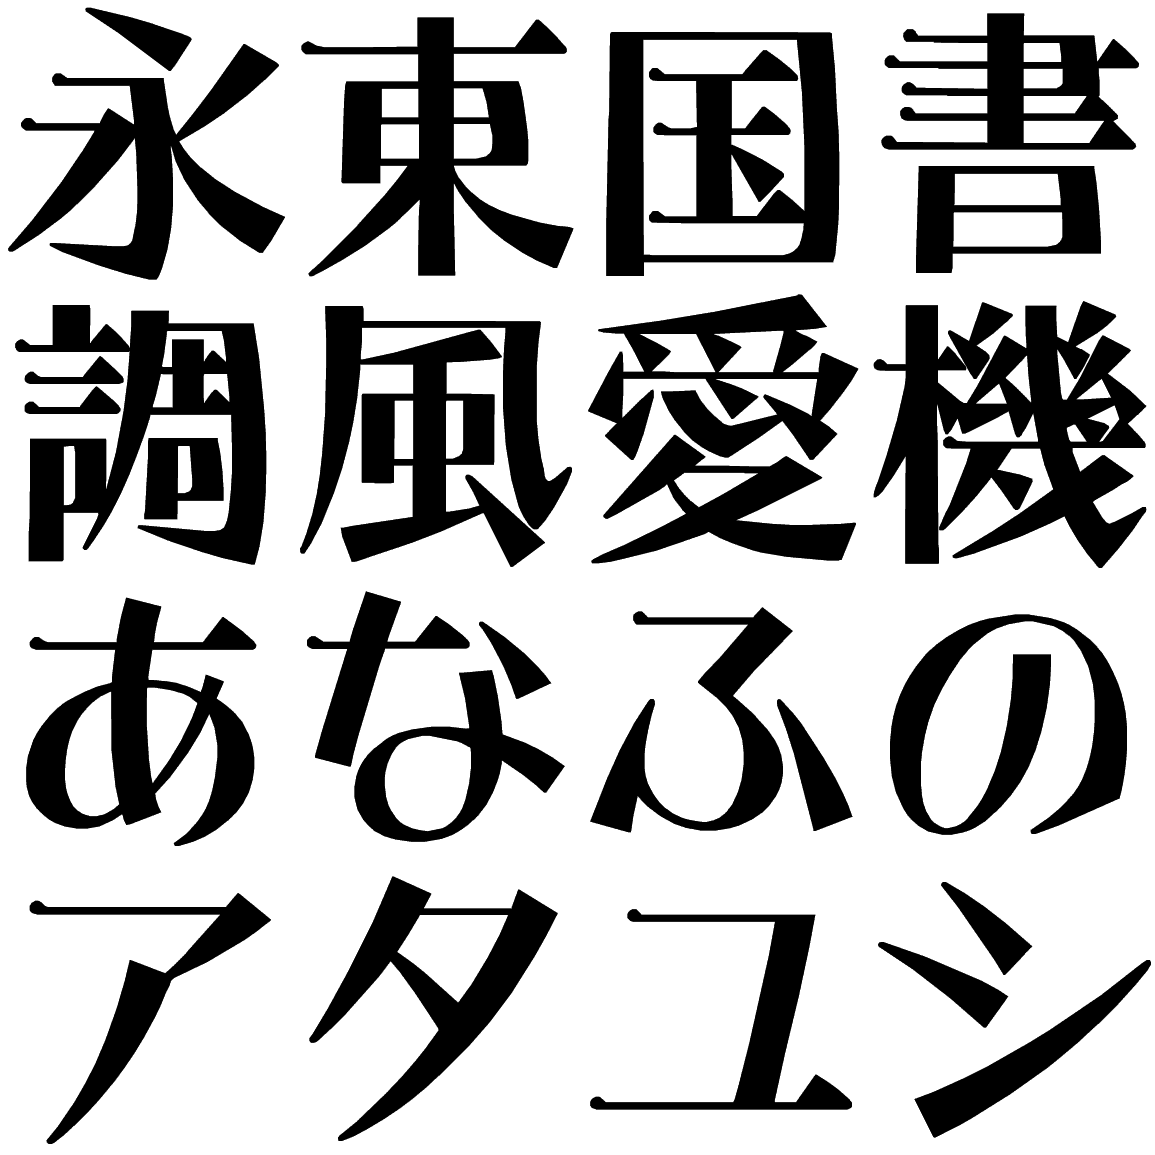 はせフリーミン E EHFM 字形見本